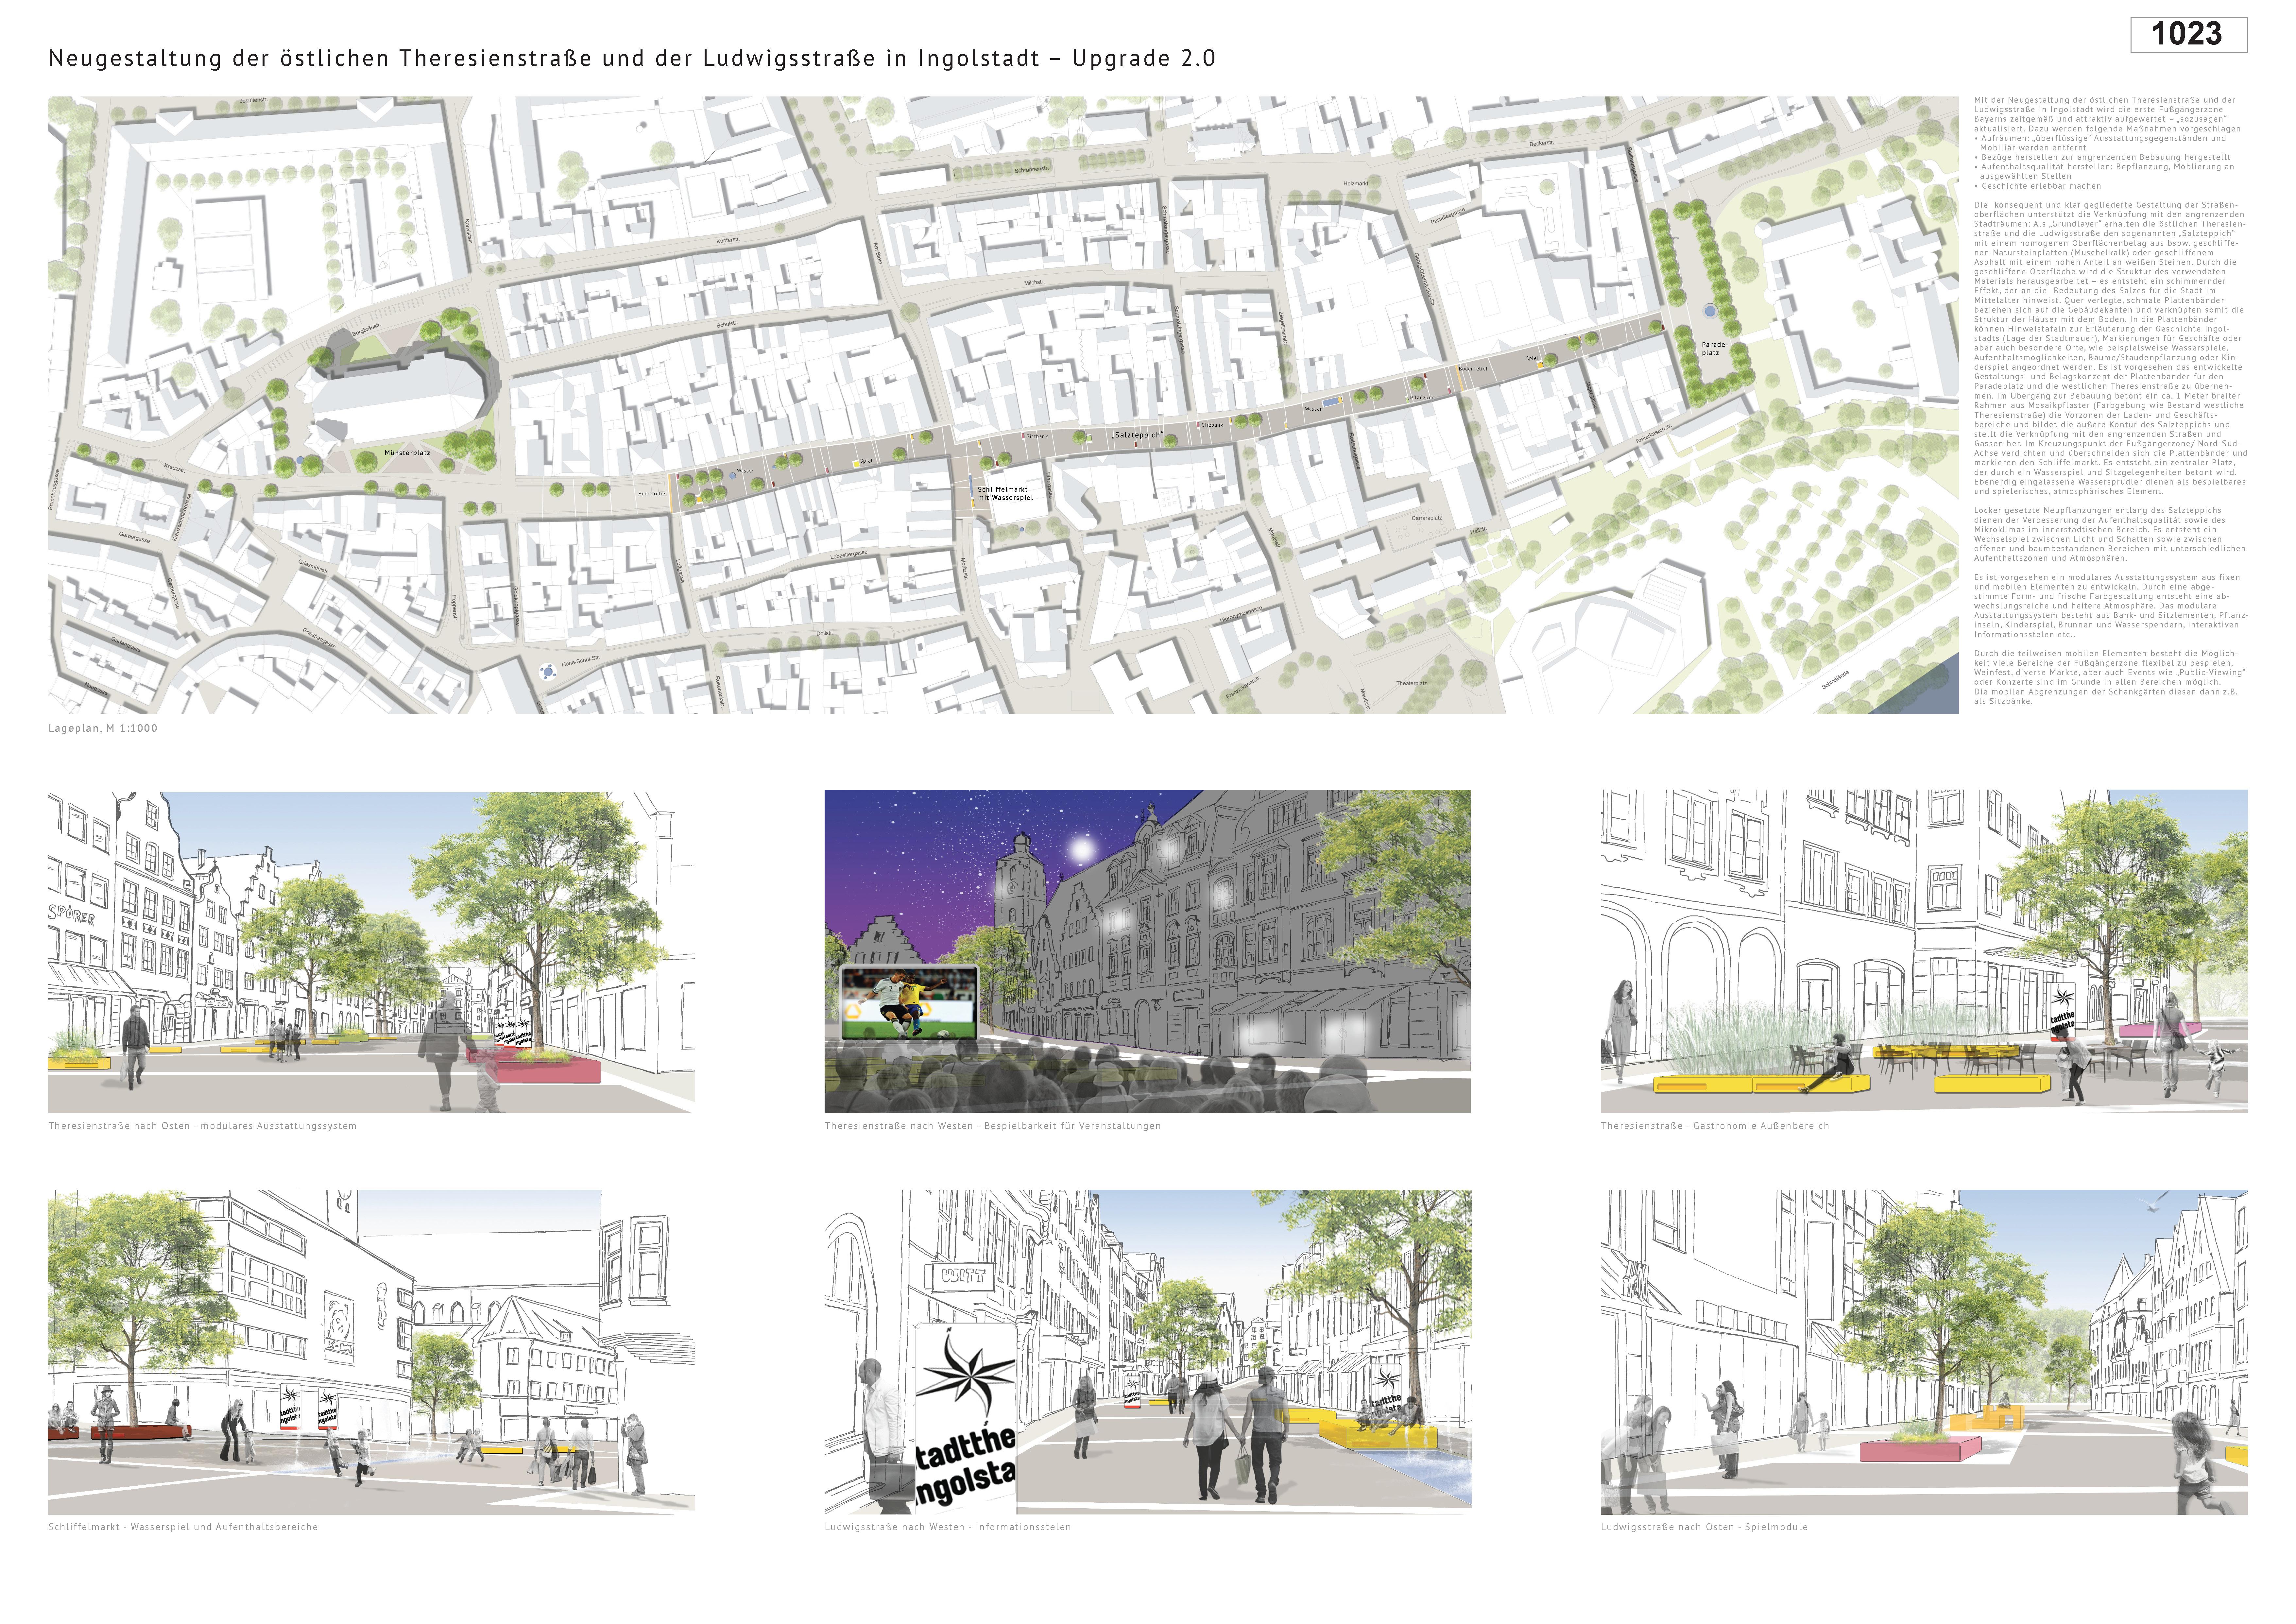 Preisgruppe 1. Stufe Planungswettbewerb Neugestaltung Fußgängerzone Arbeit 8 (1023)